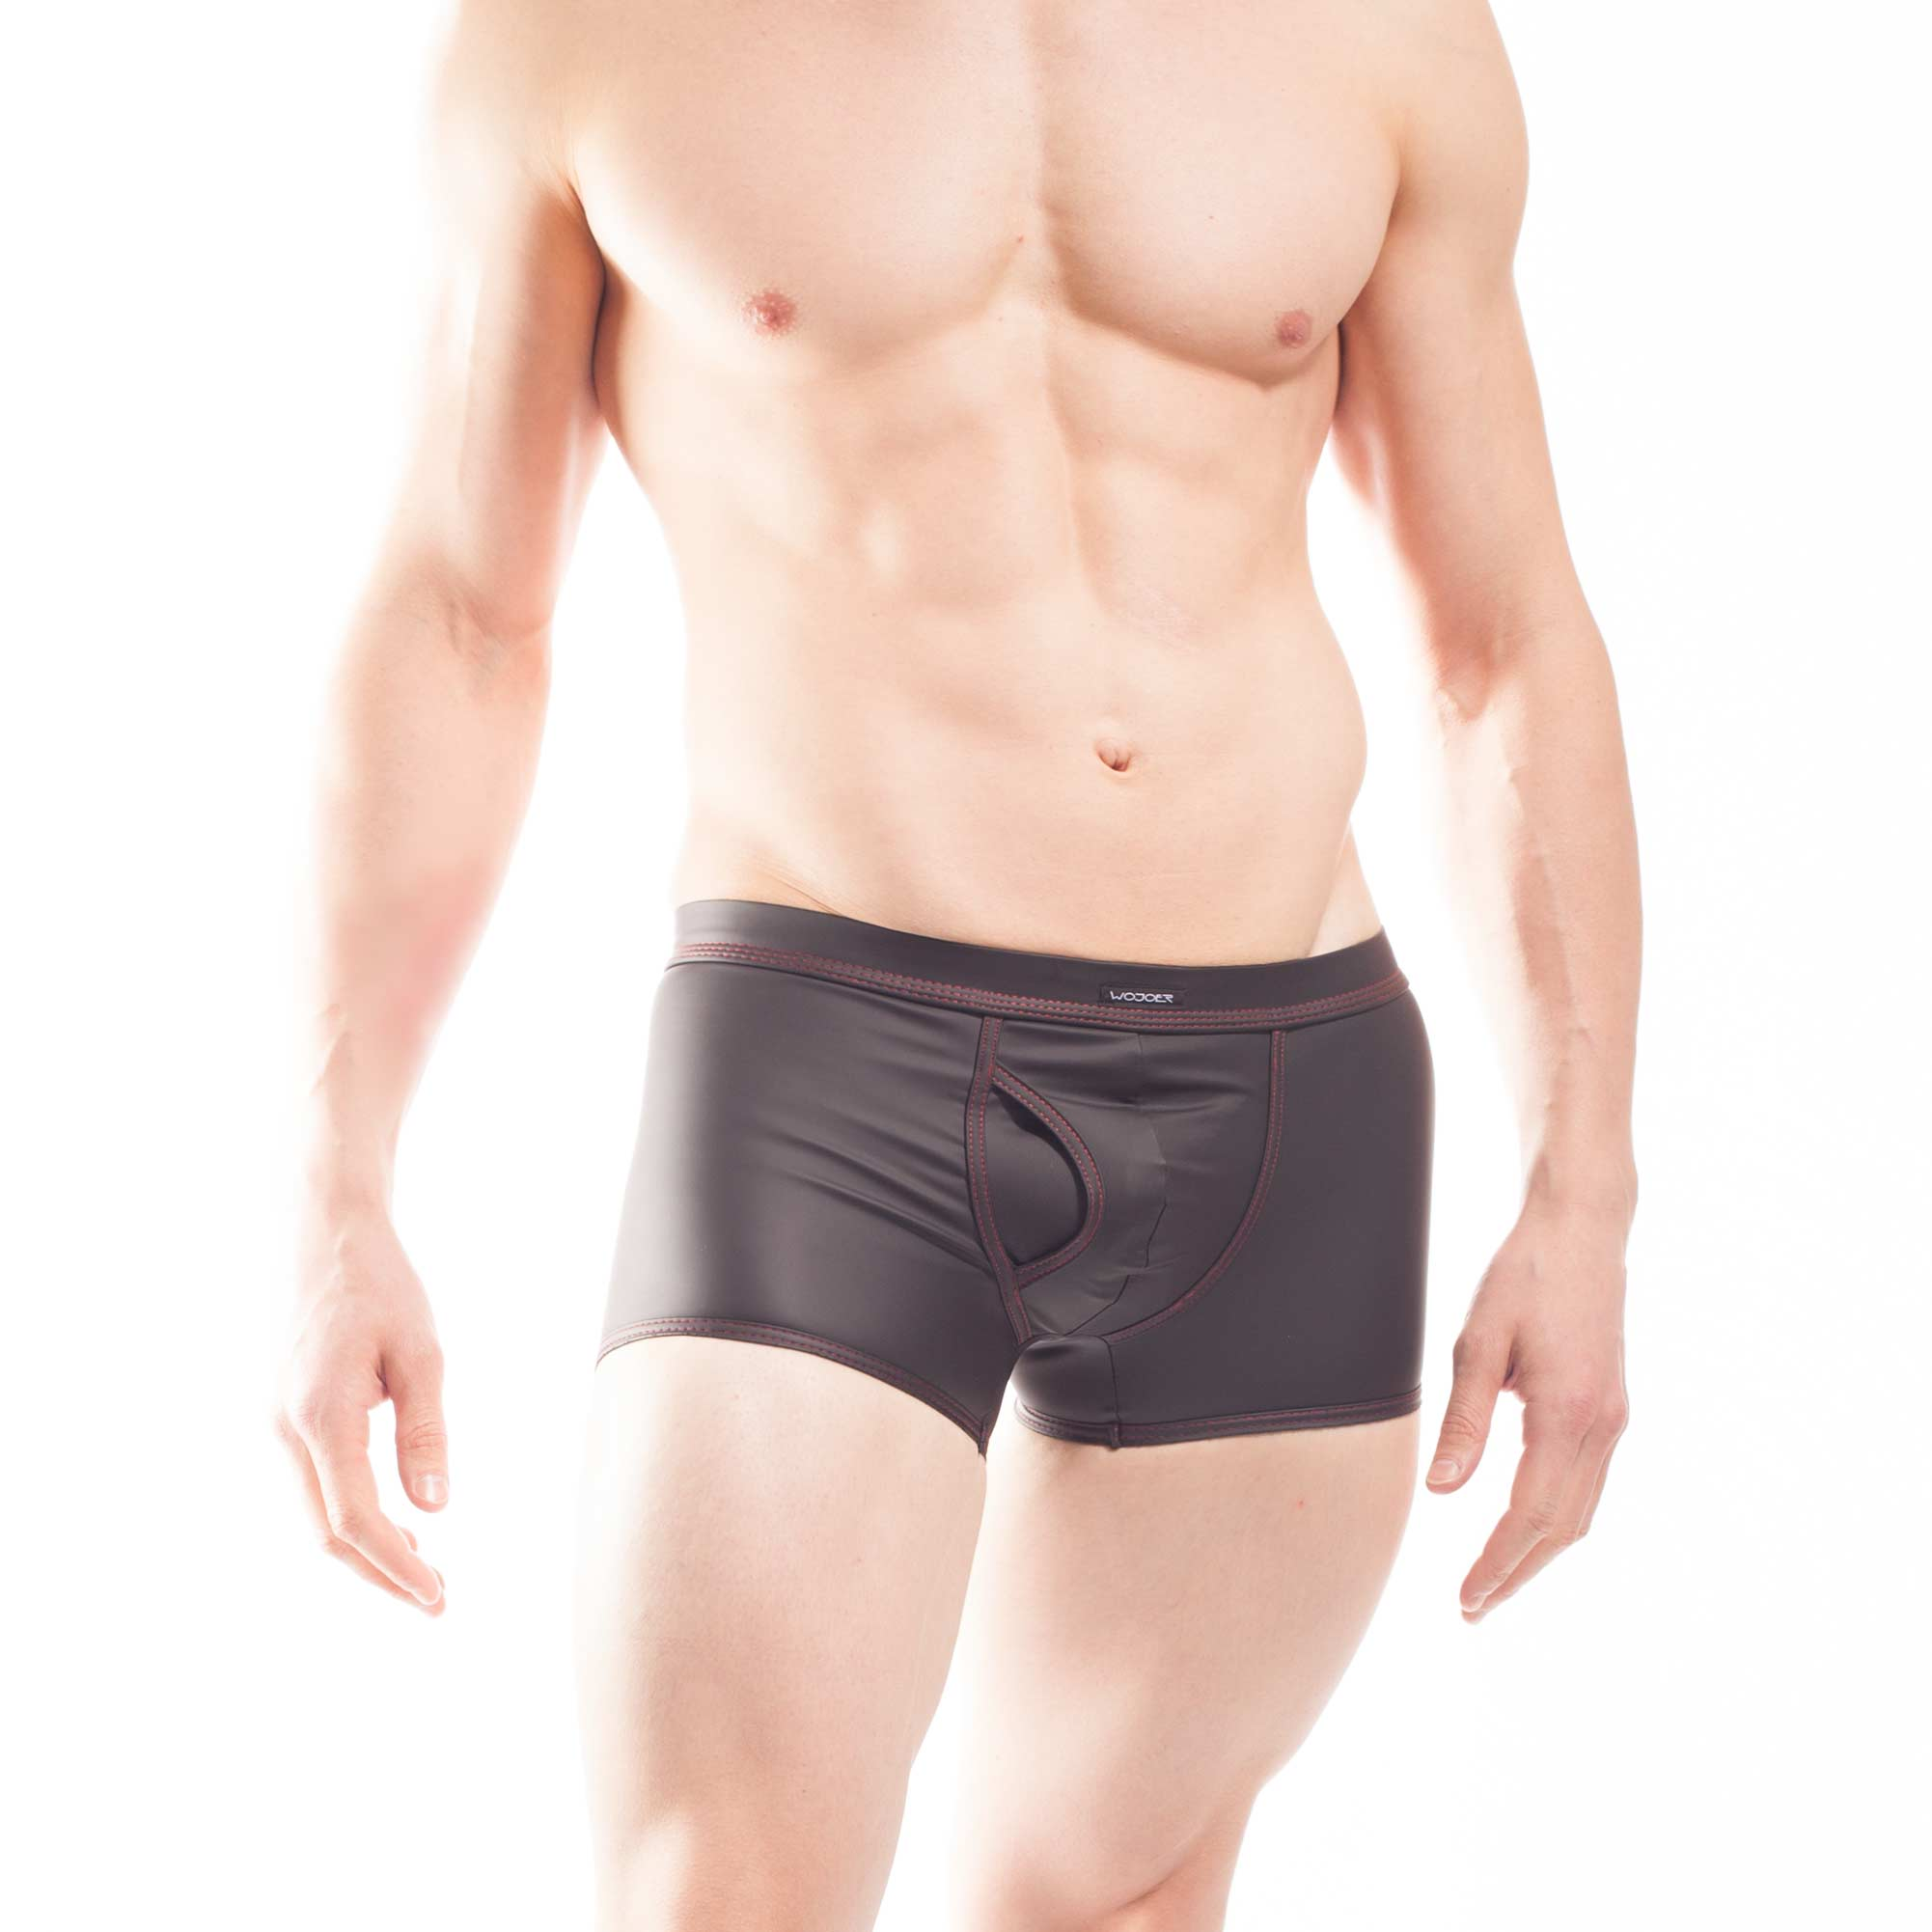 schwarze matte Kunstleder Shorts, schwarze Shorts mit mattem kunstleder, Synlex, mattes Lederimitat, super dehnbares Letherlike, fein dünnes Kunstleder, Shorts, schwarz, Pant, Clubwear, Unterhose,